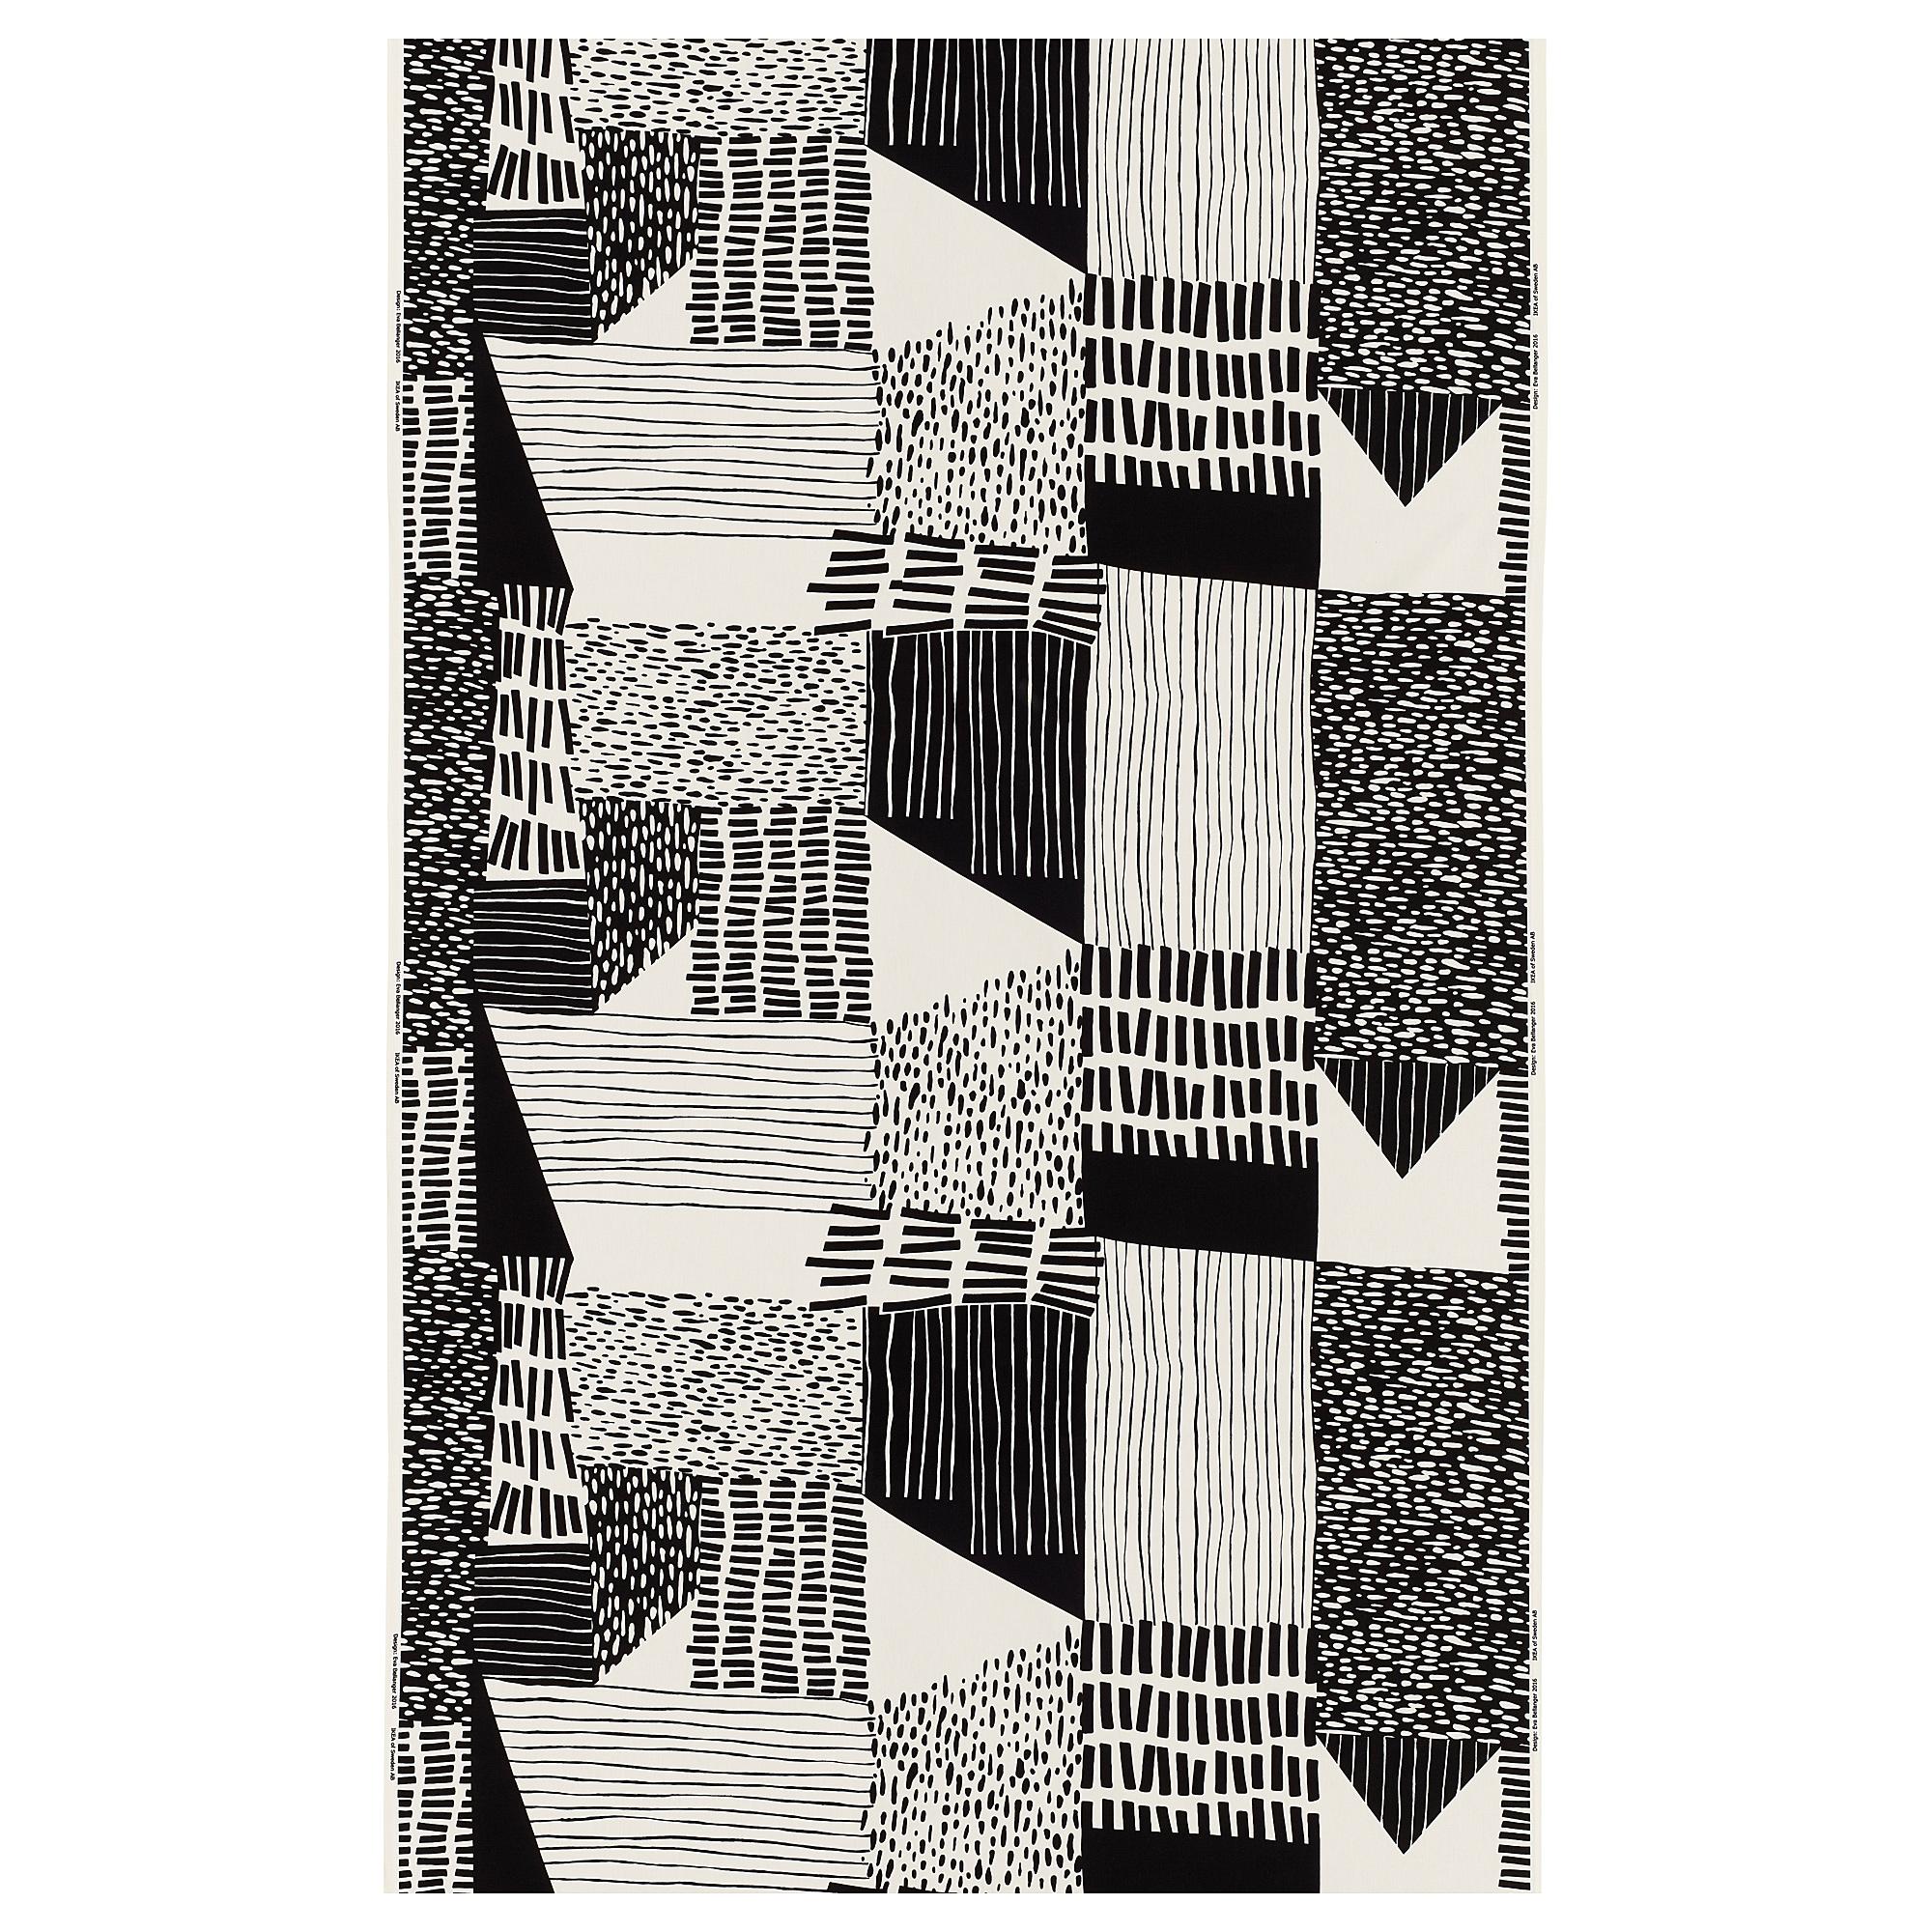 Ткань ИНГВИЛ черный артикуль № 604.217.24 в наличии. Online каталог IKEA РБ. Быстрая доставка и соборка.